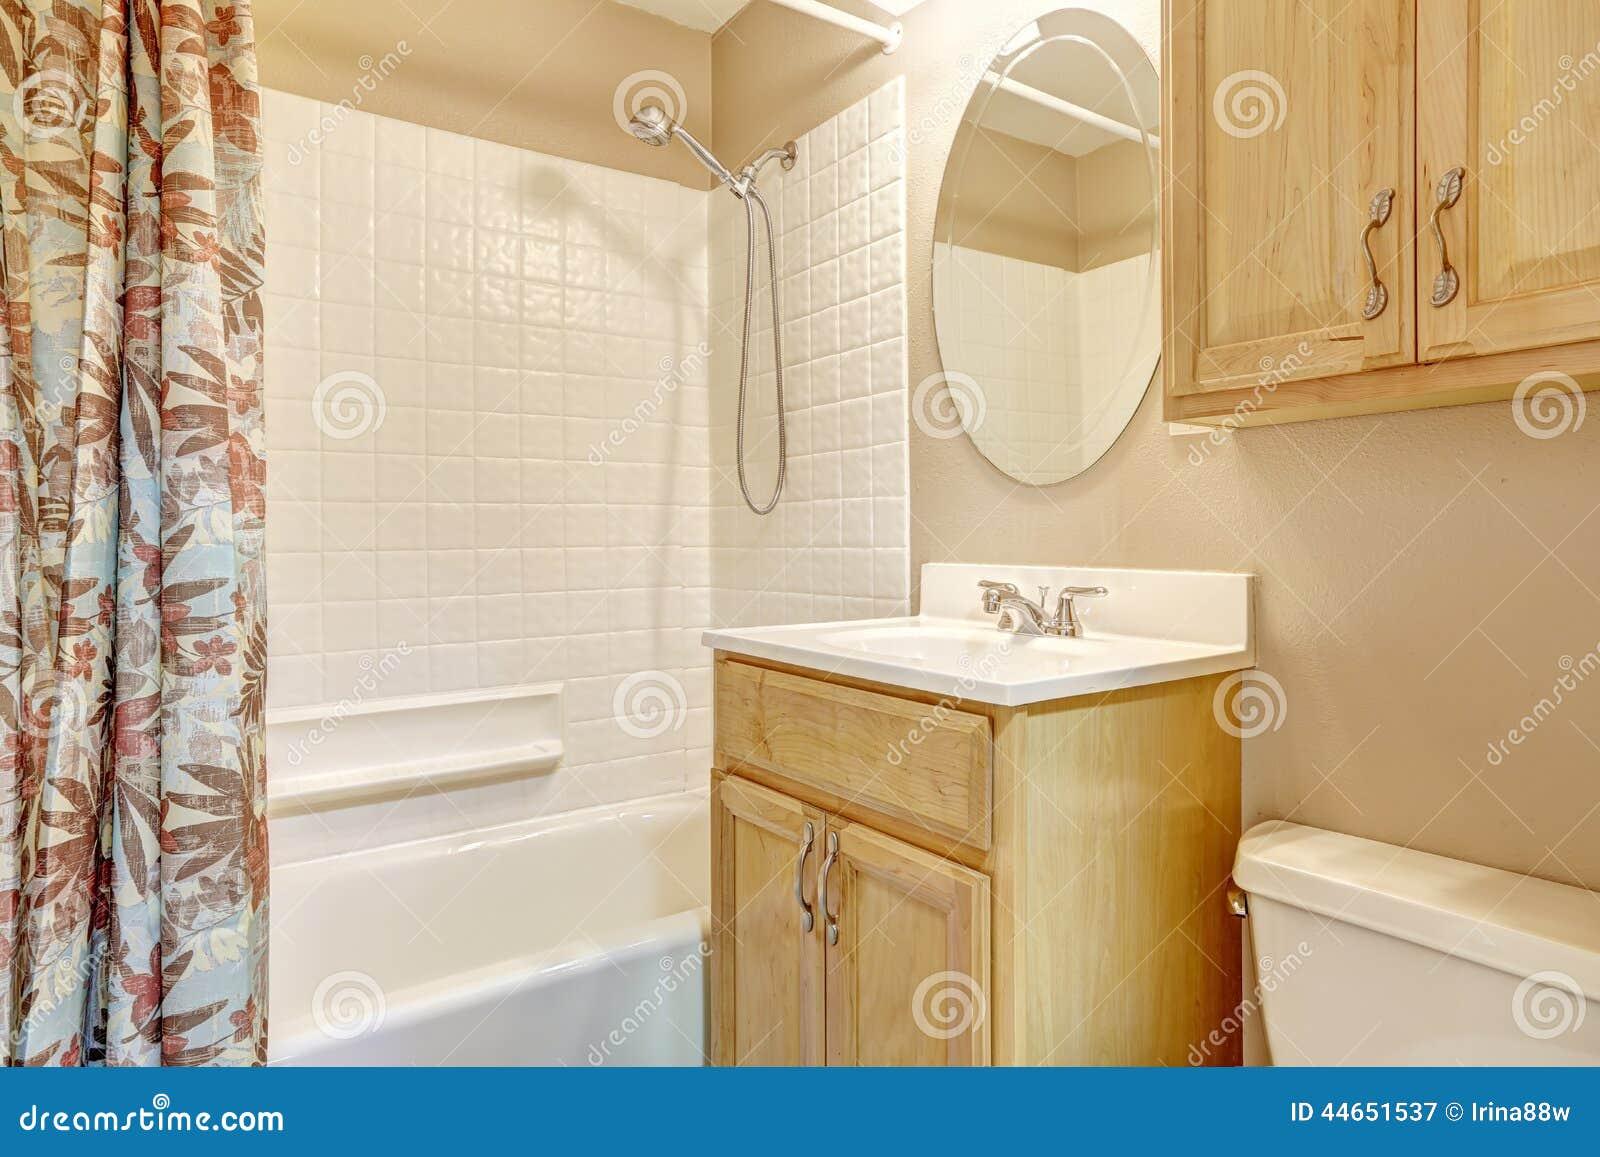 Banheiro Bege Claro Com Armários De Madeira E A Cortina Floral Foto  #793F1D 1300x957 Banheiro Com Banheira Bege